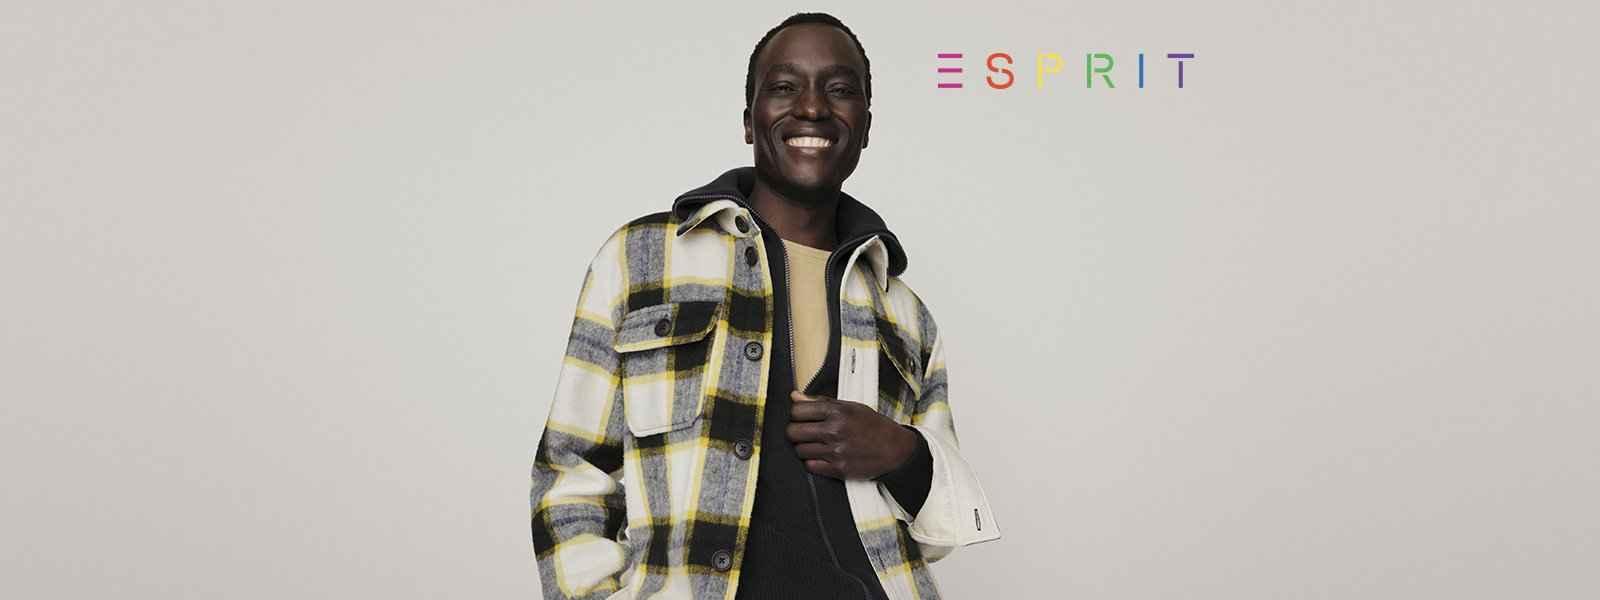 Marke der Woche: Esprit